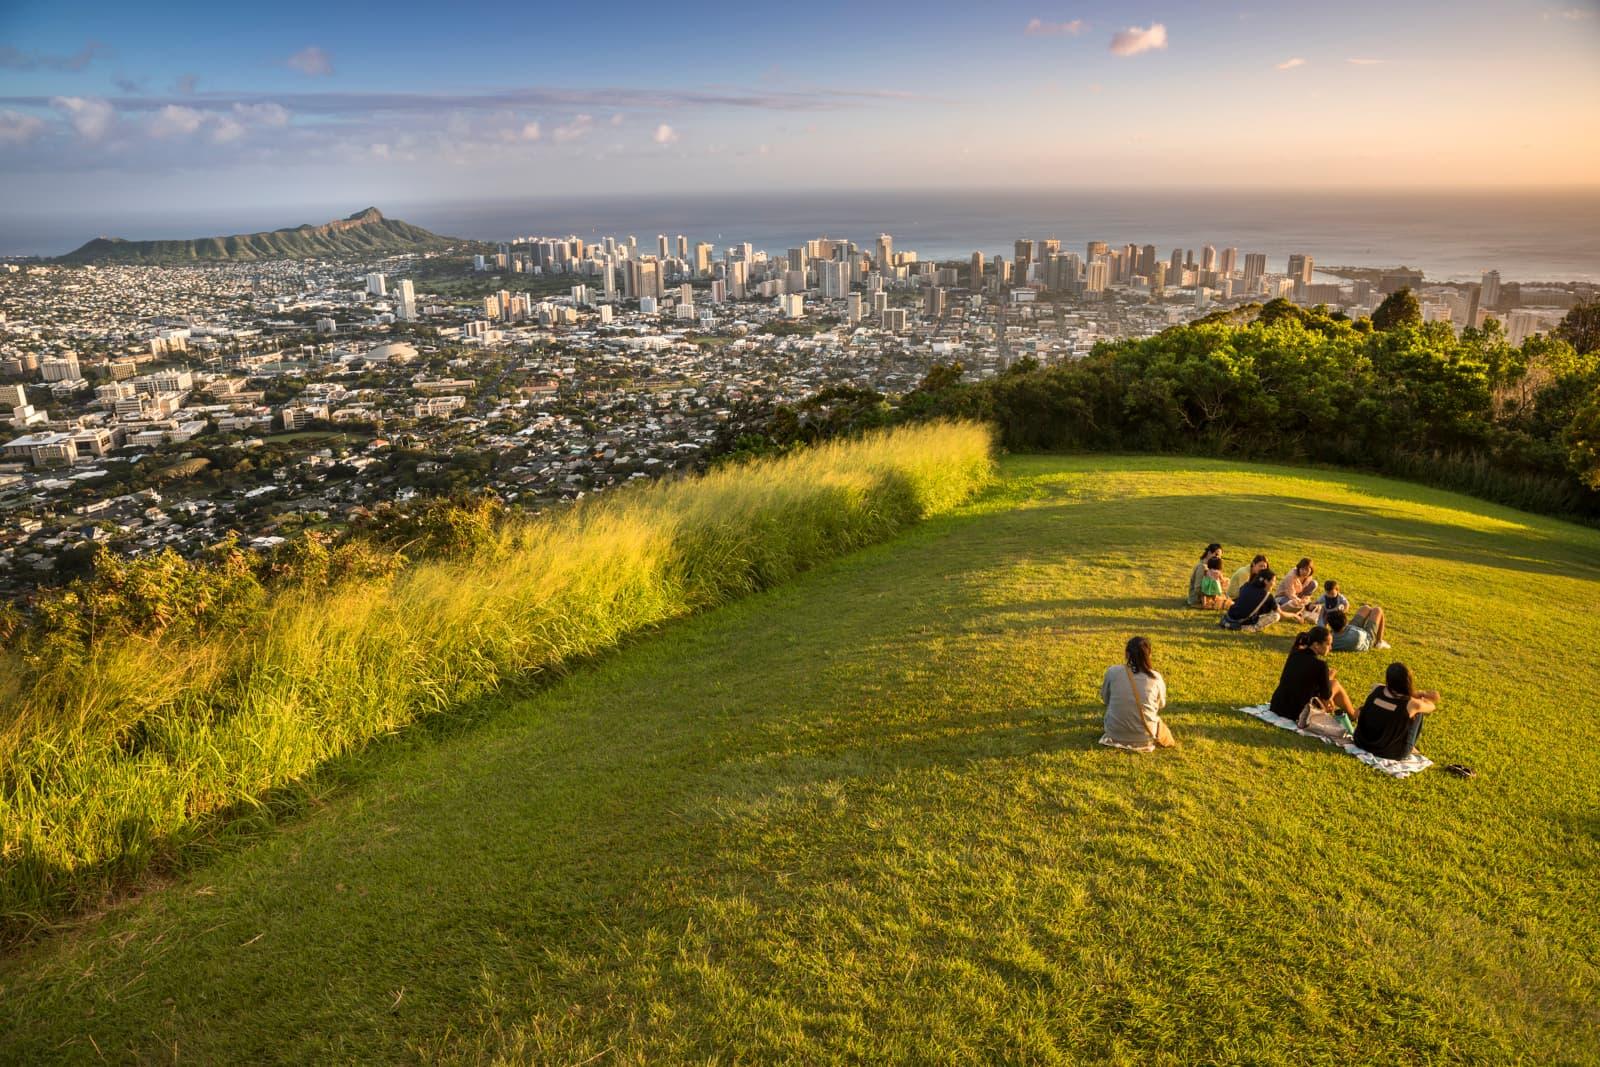 People relaxing on a hilltop in Honolulu